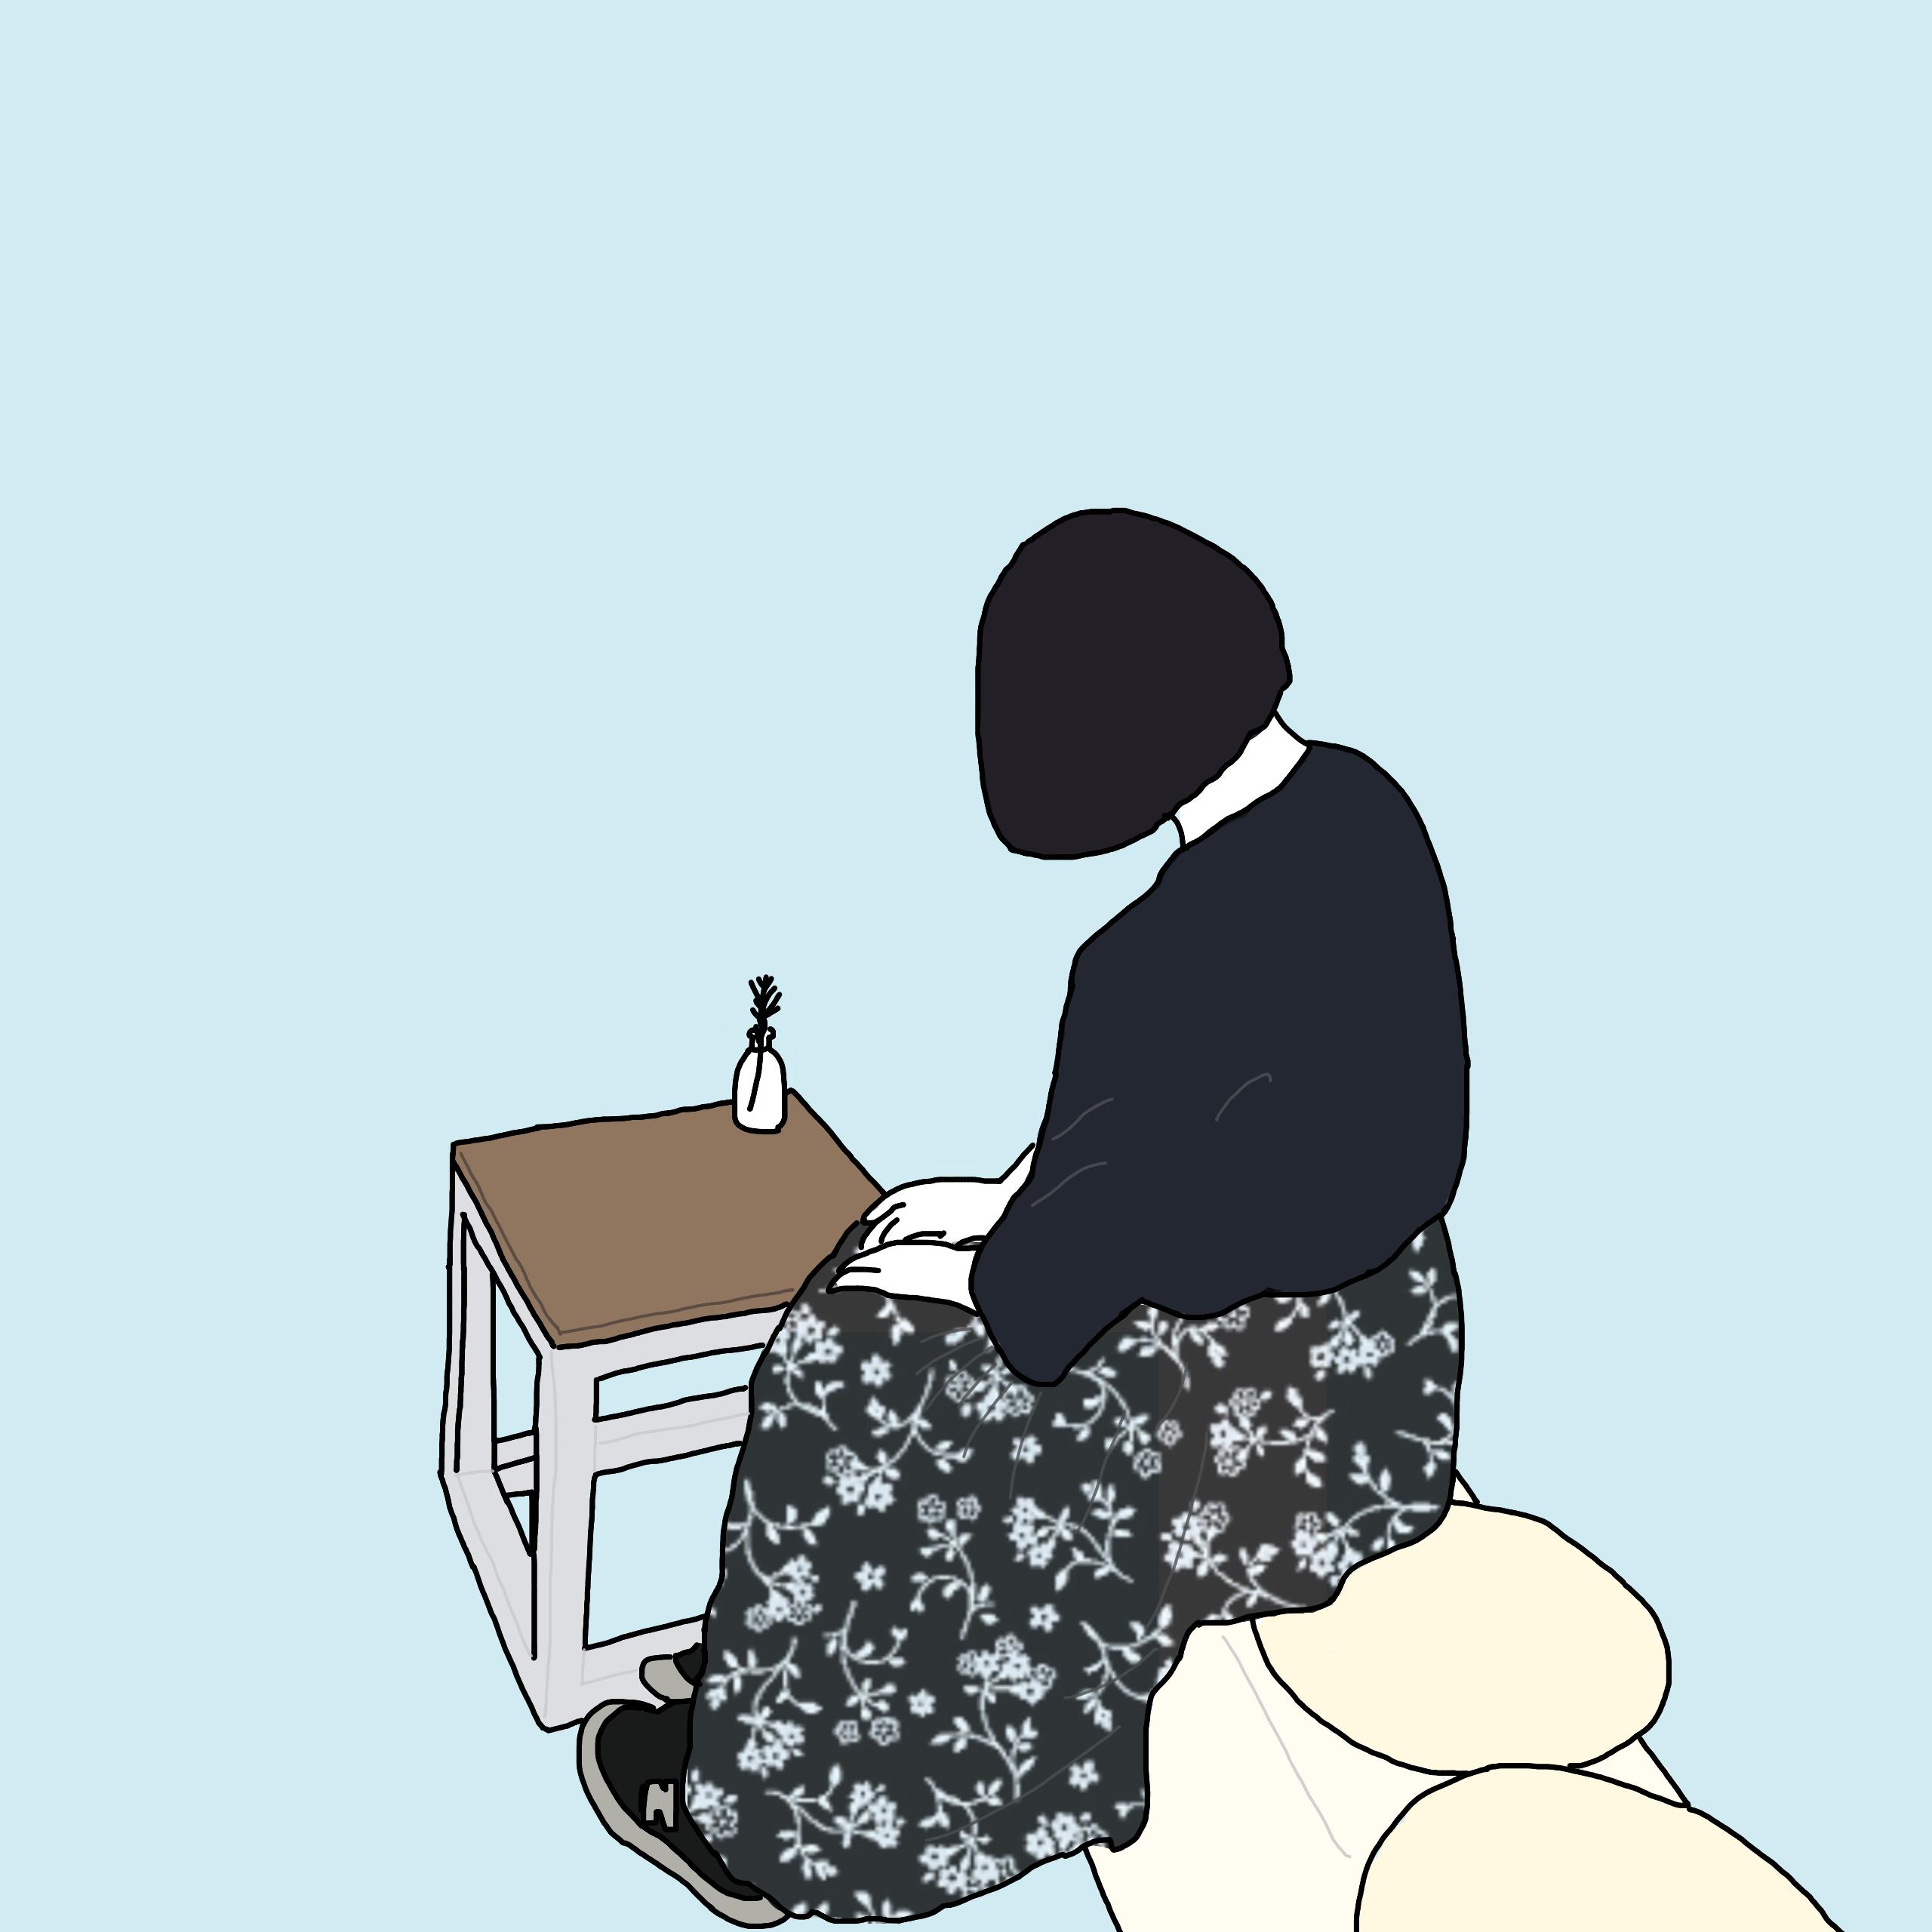 韓国風のおしゃれなイラスト描きます プロフ画像の使用や友達の